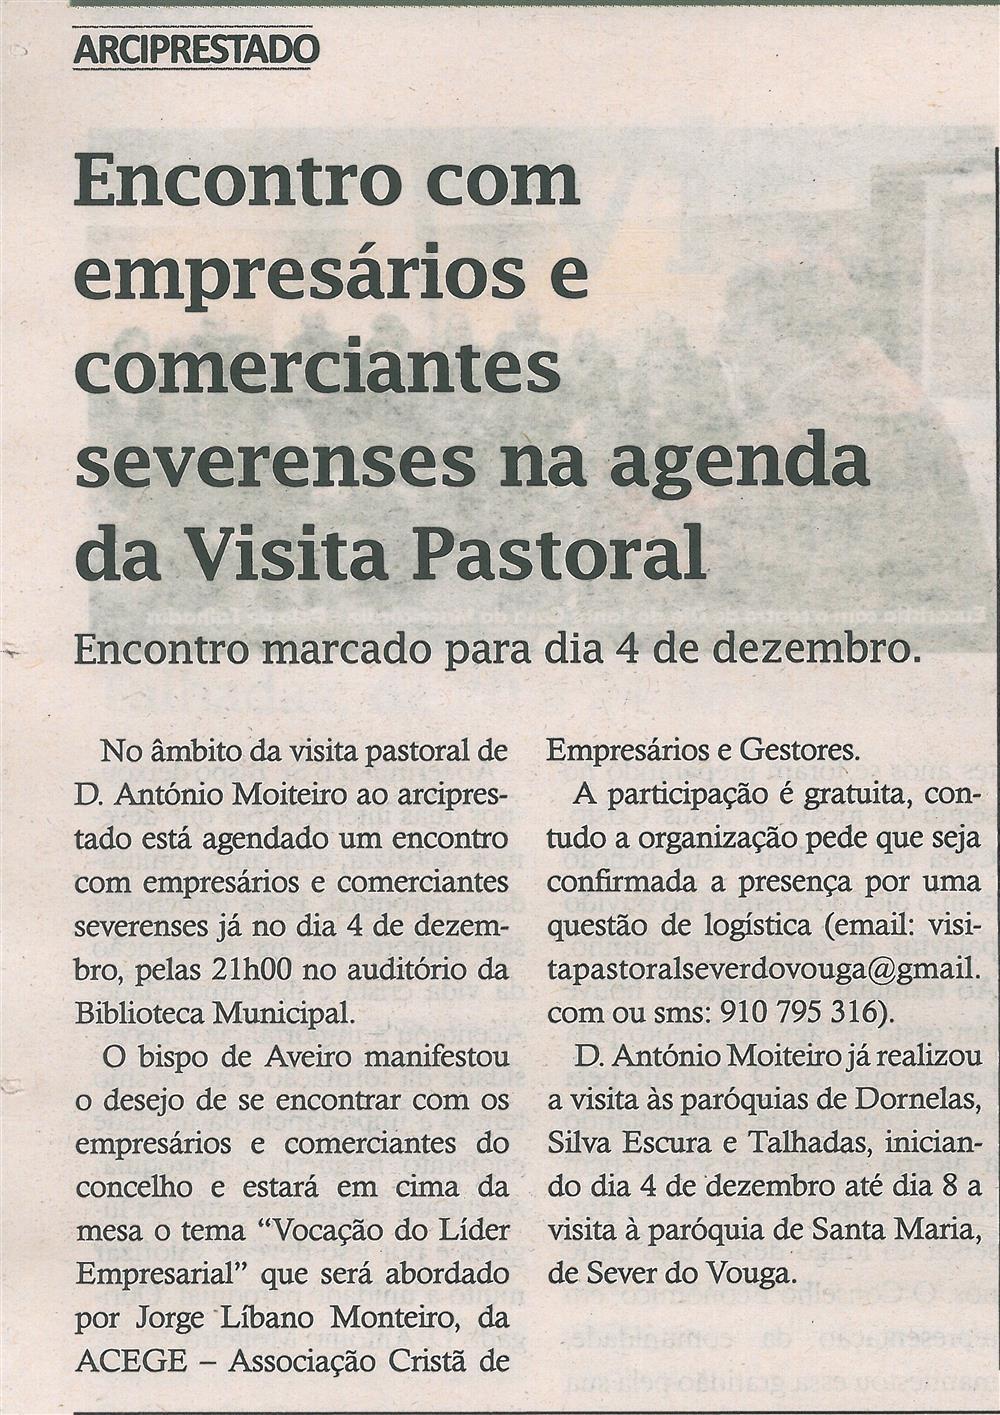 TV-dez.'19-p.12-Encontro com empresários e comerciantes severenses na agenda da Visita Pastoral.jpg